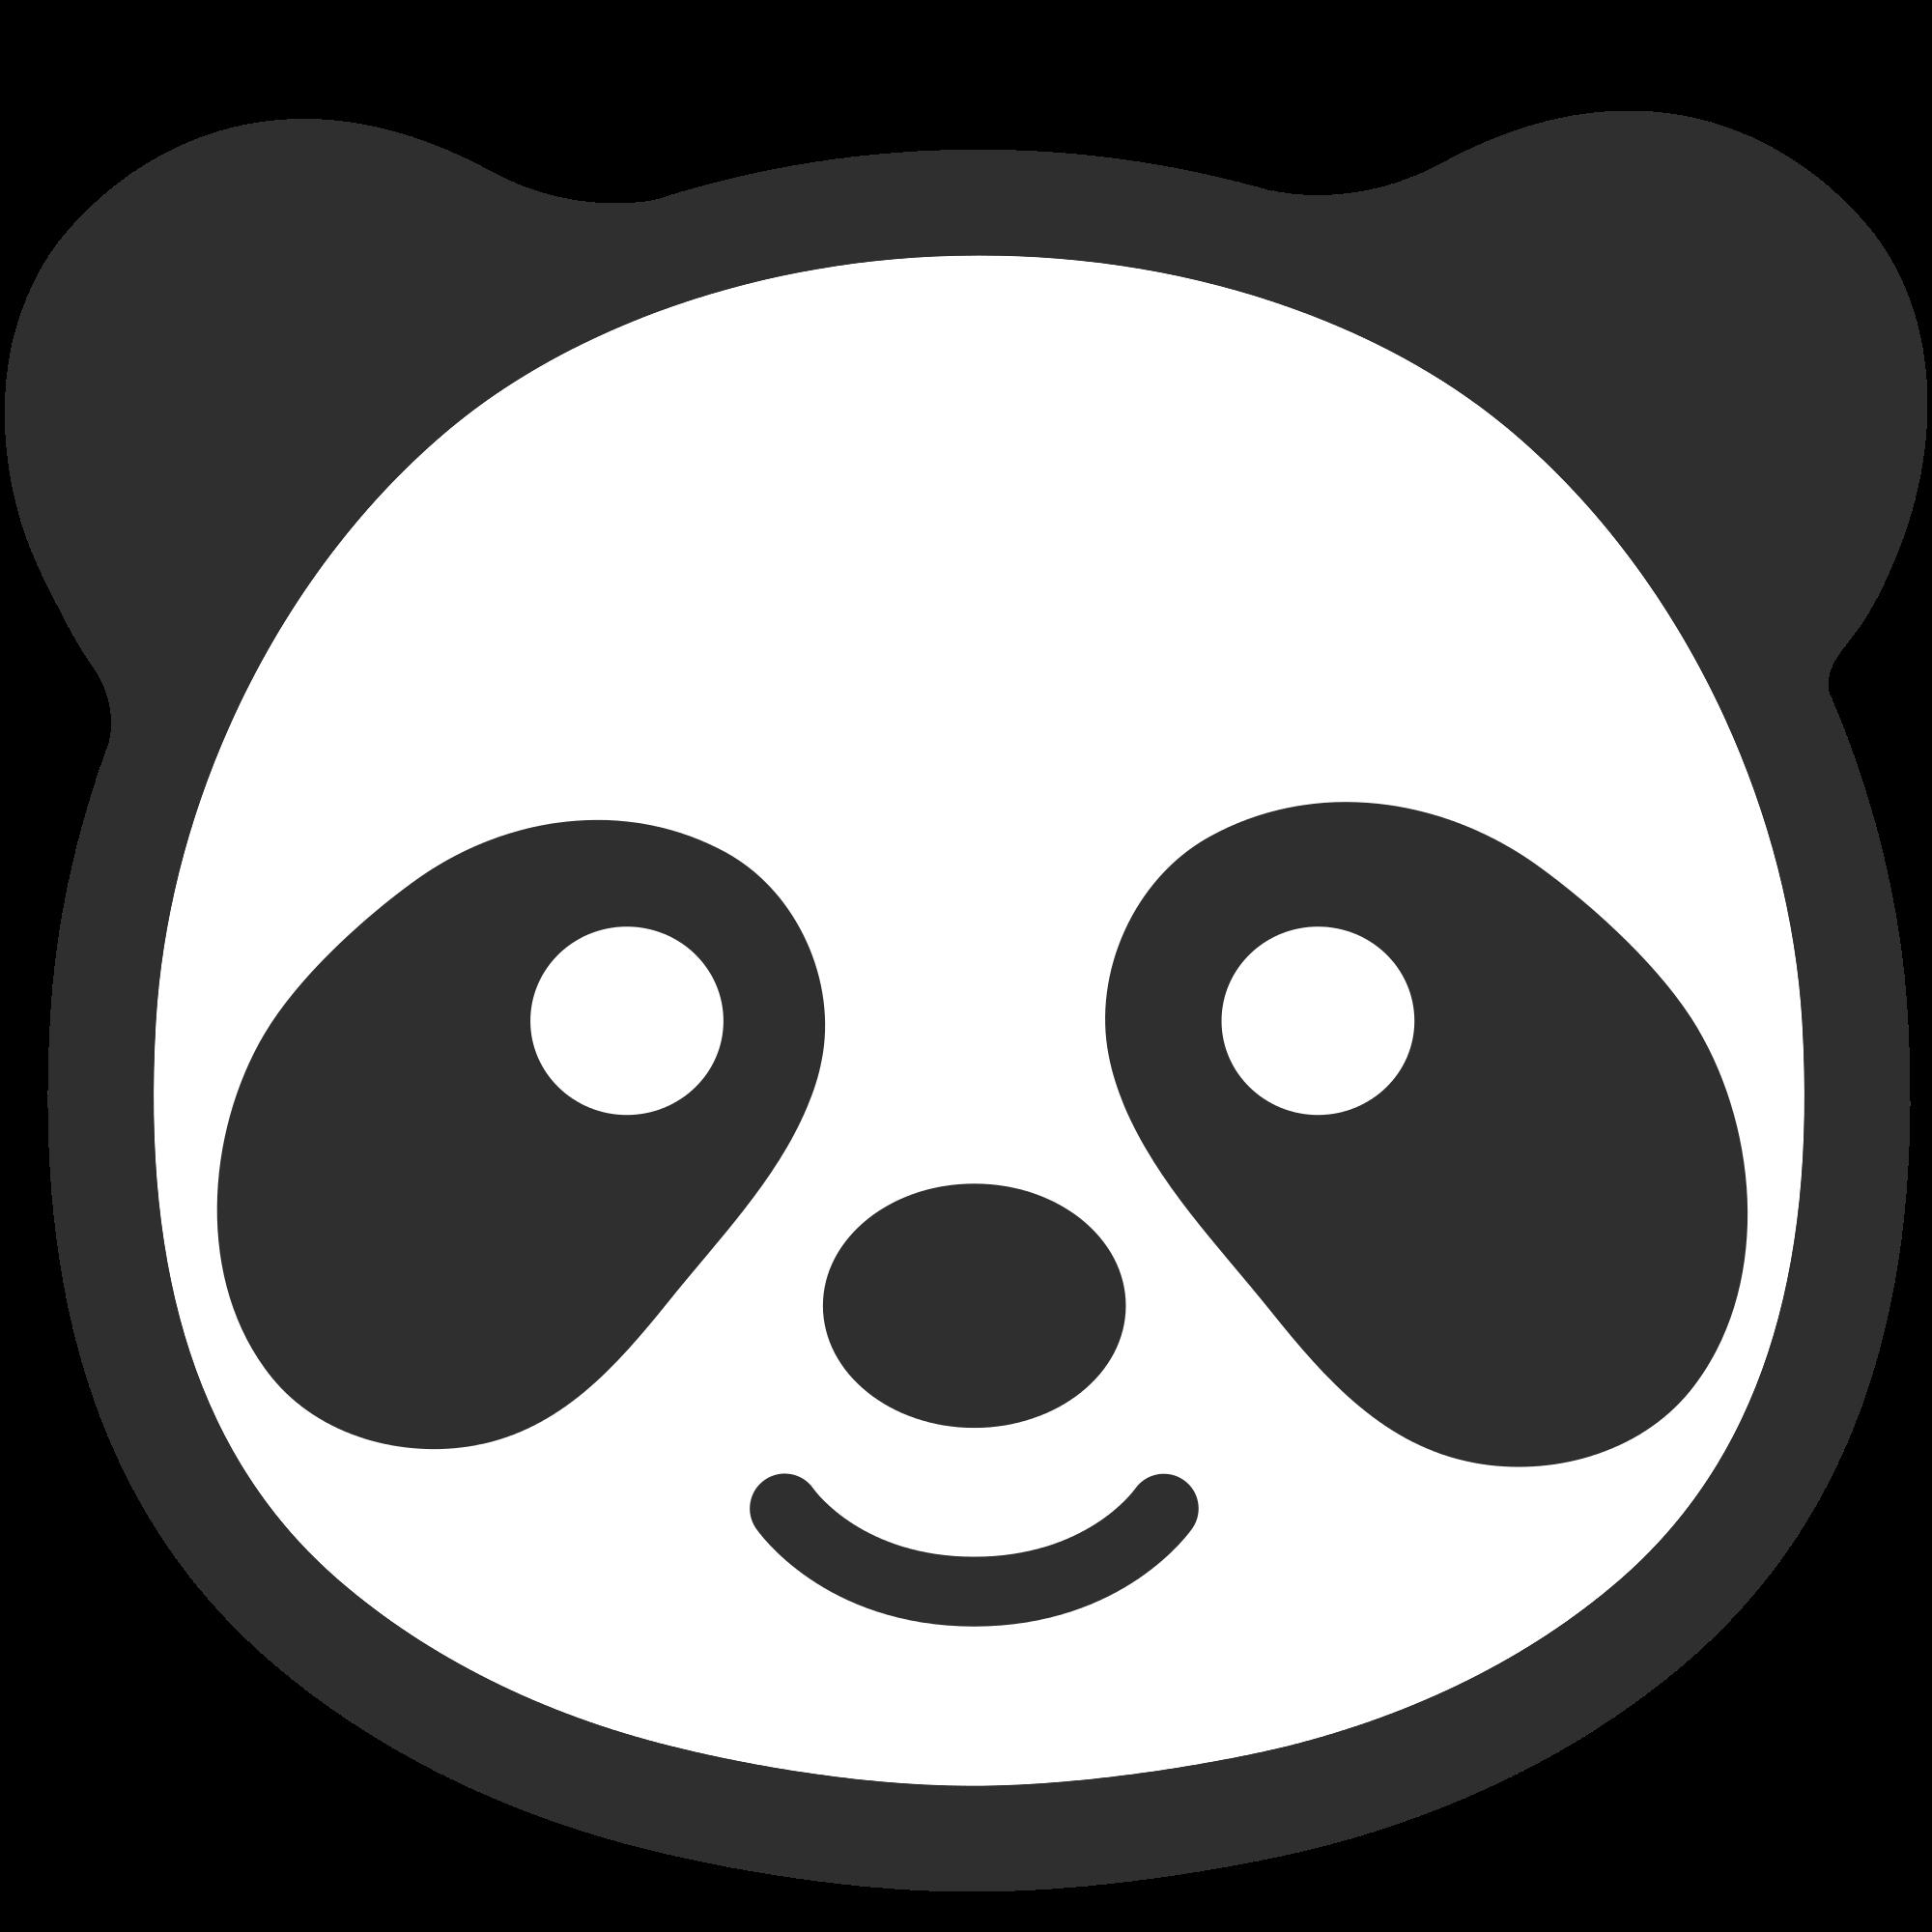 Download - PNG Panda